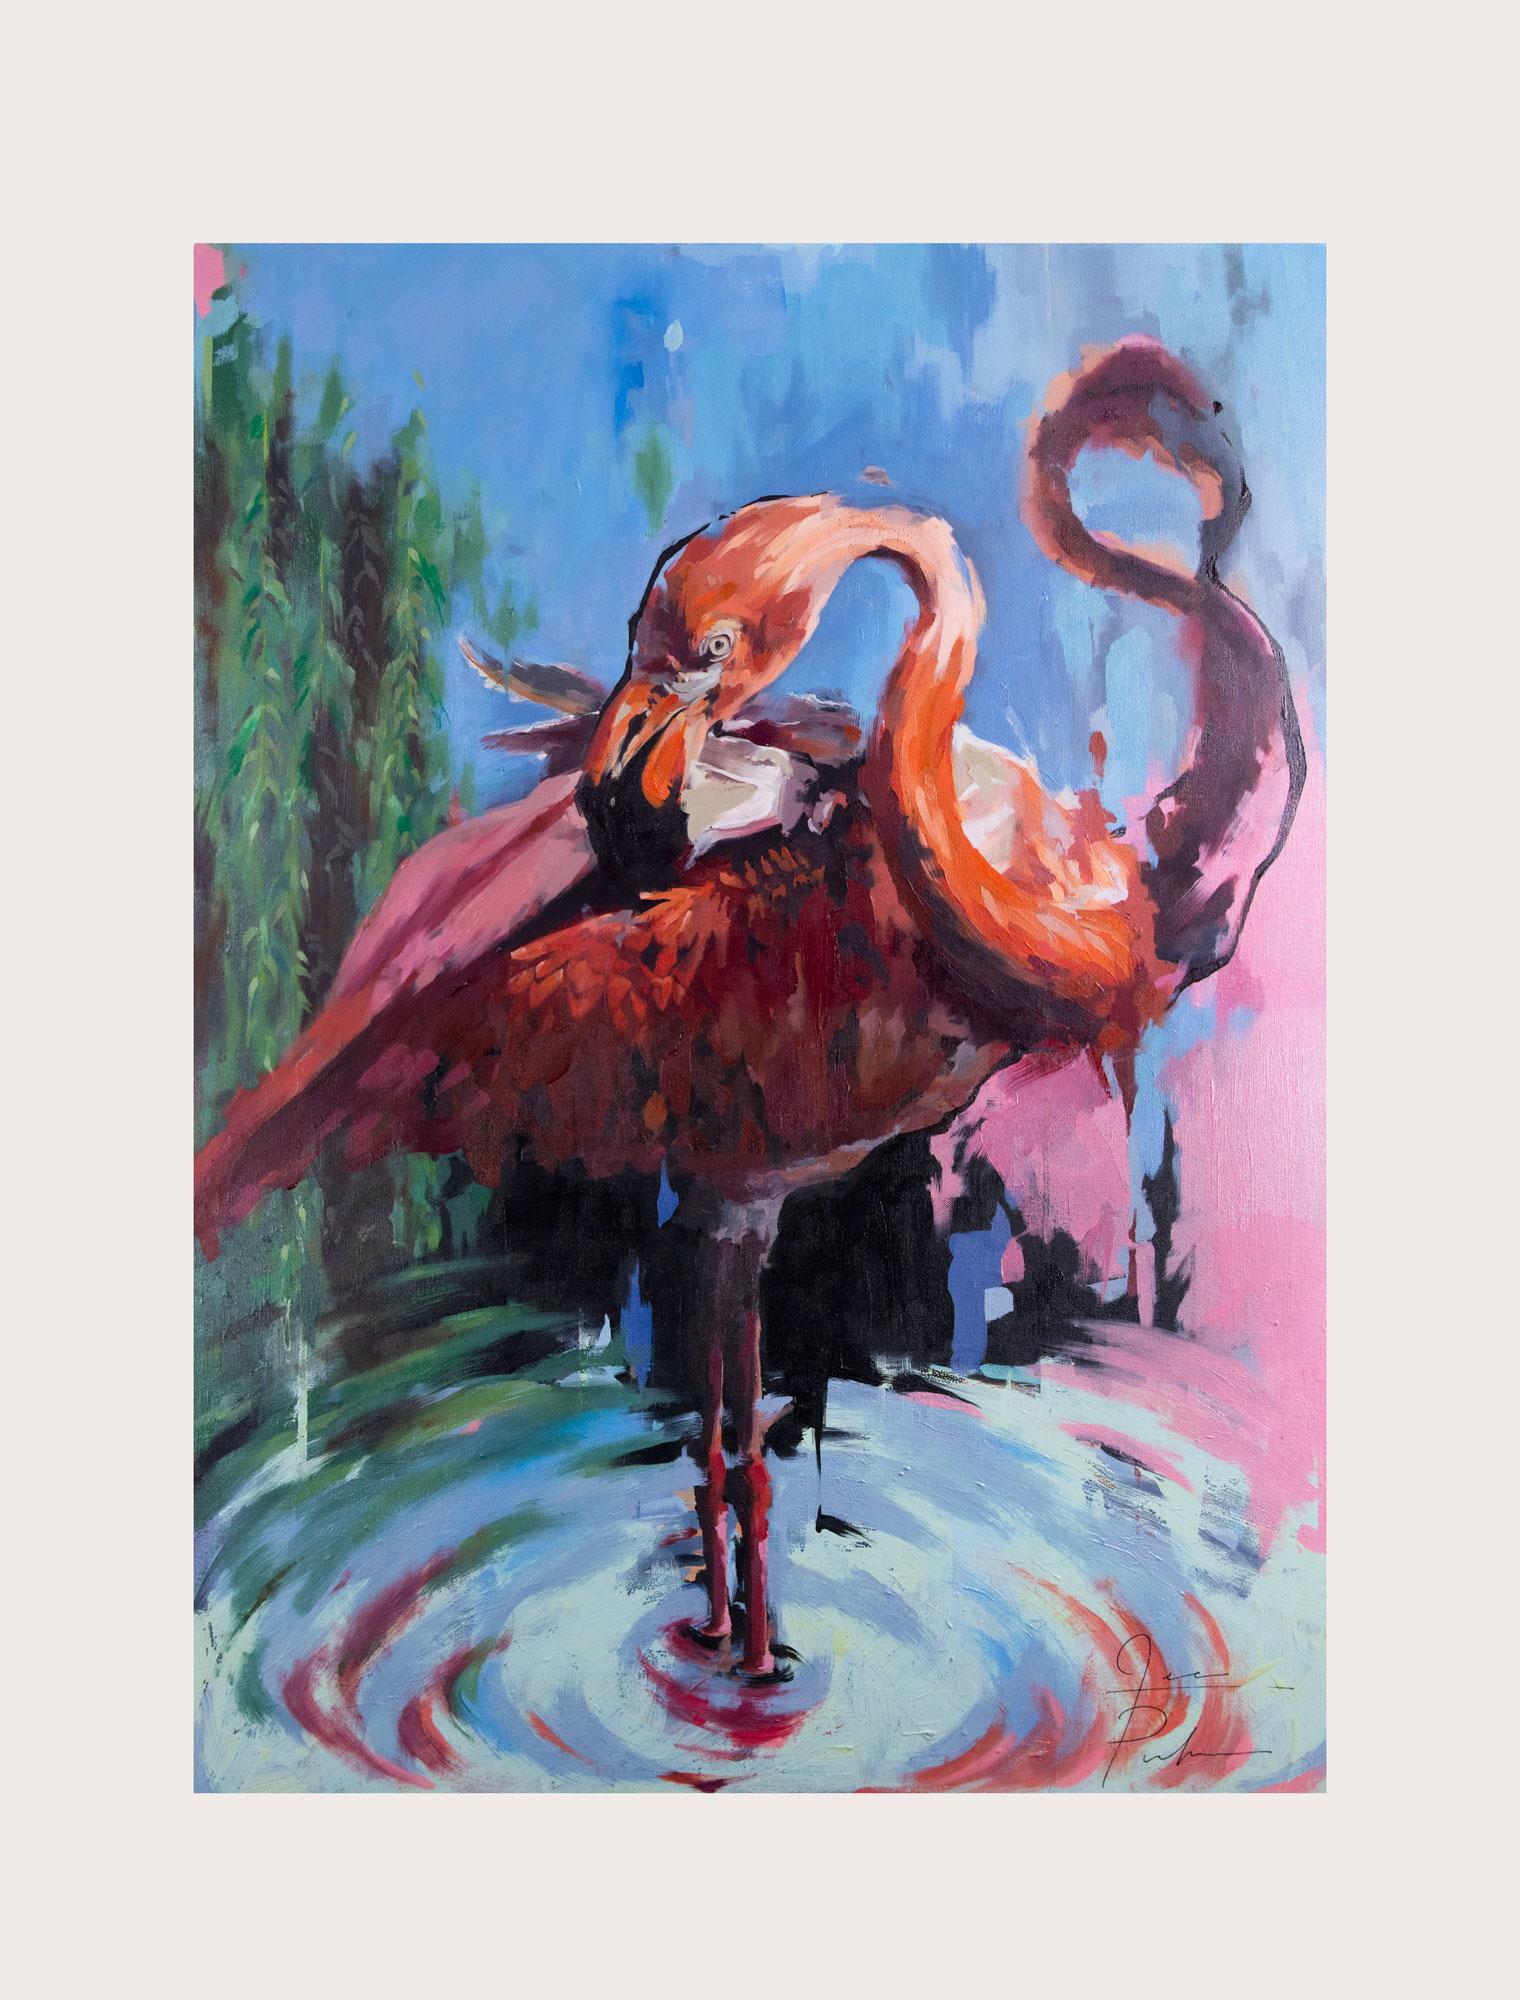 Flamingo-wide-frame